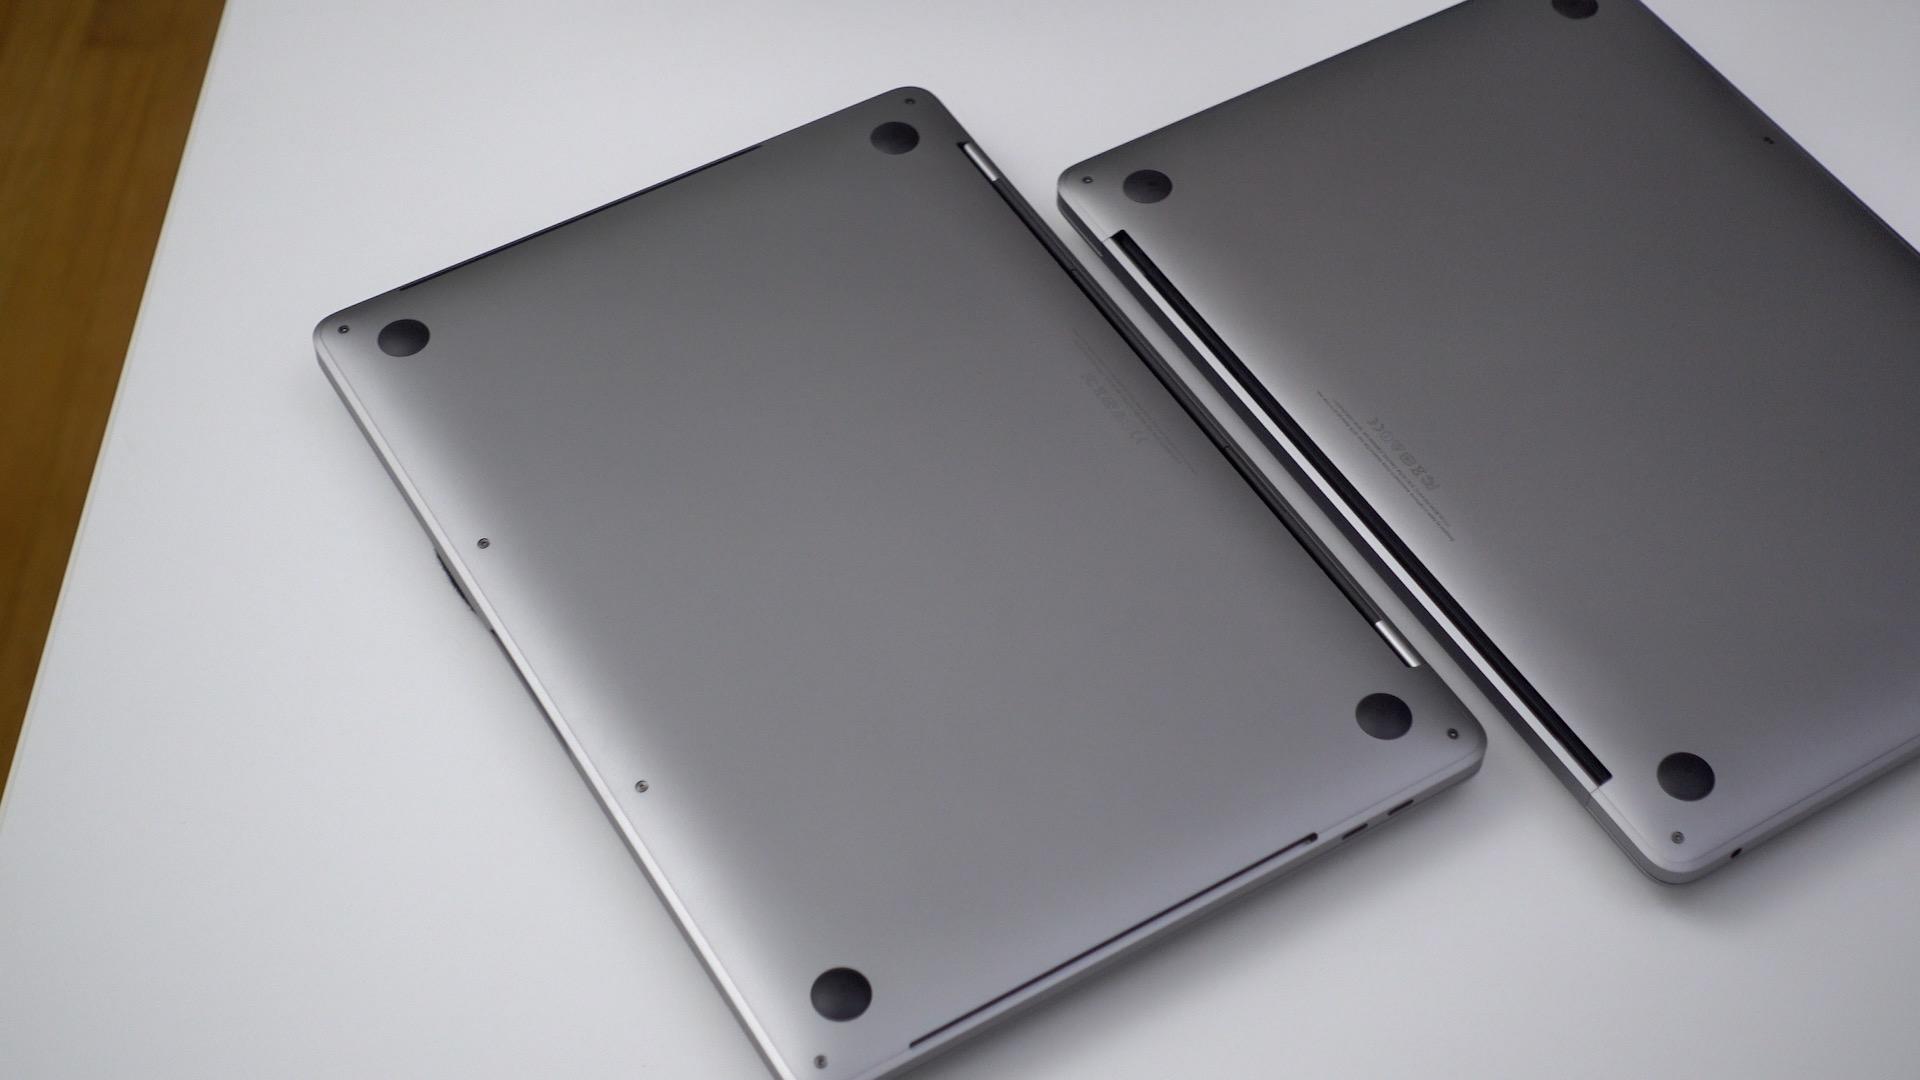 macbook-pro-vs-macbook-pro